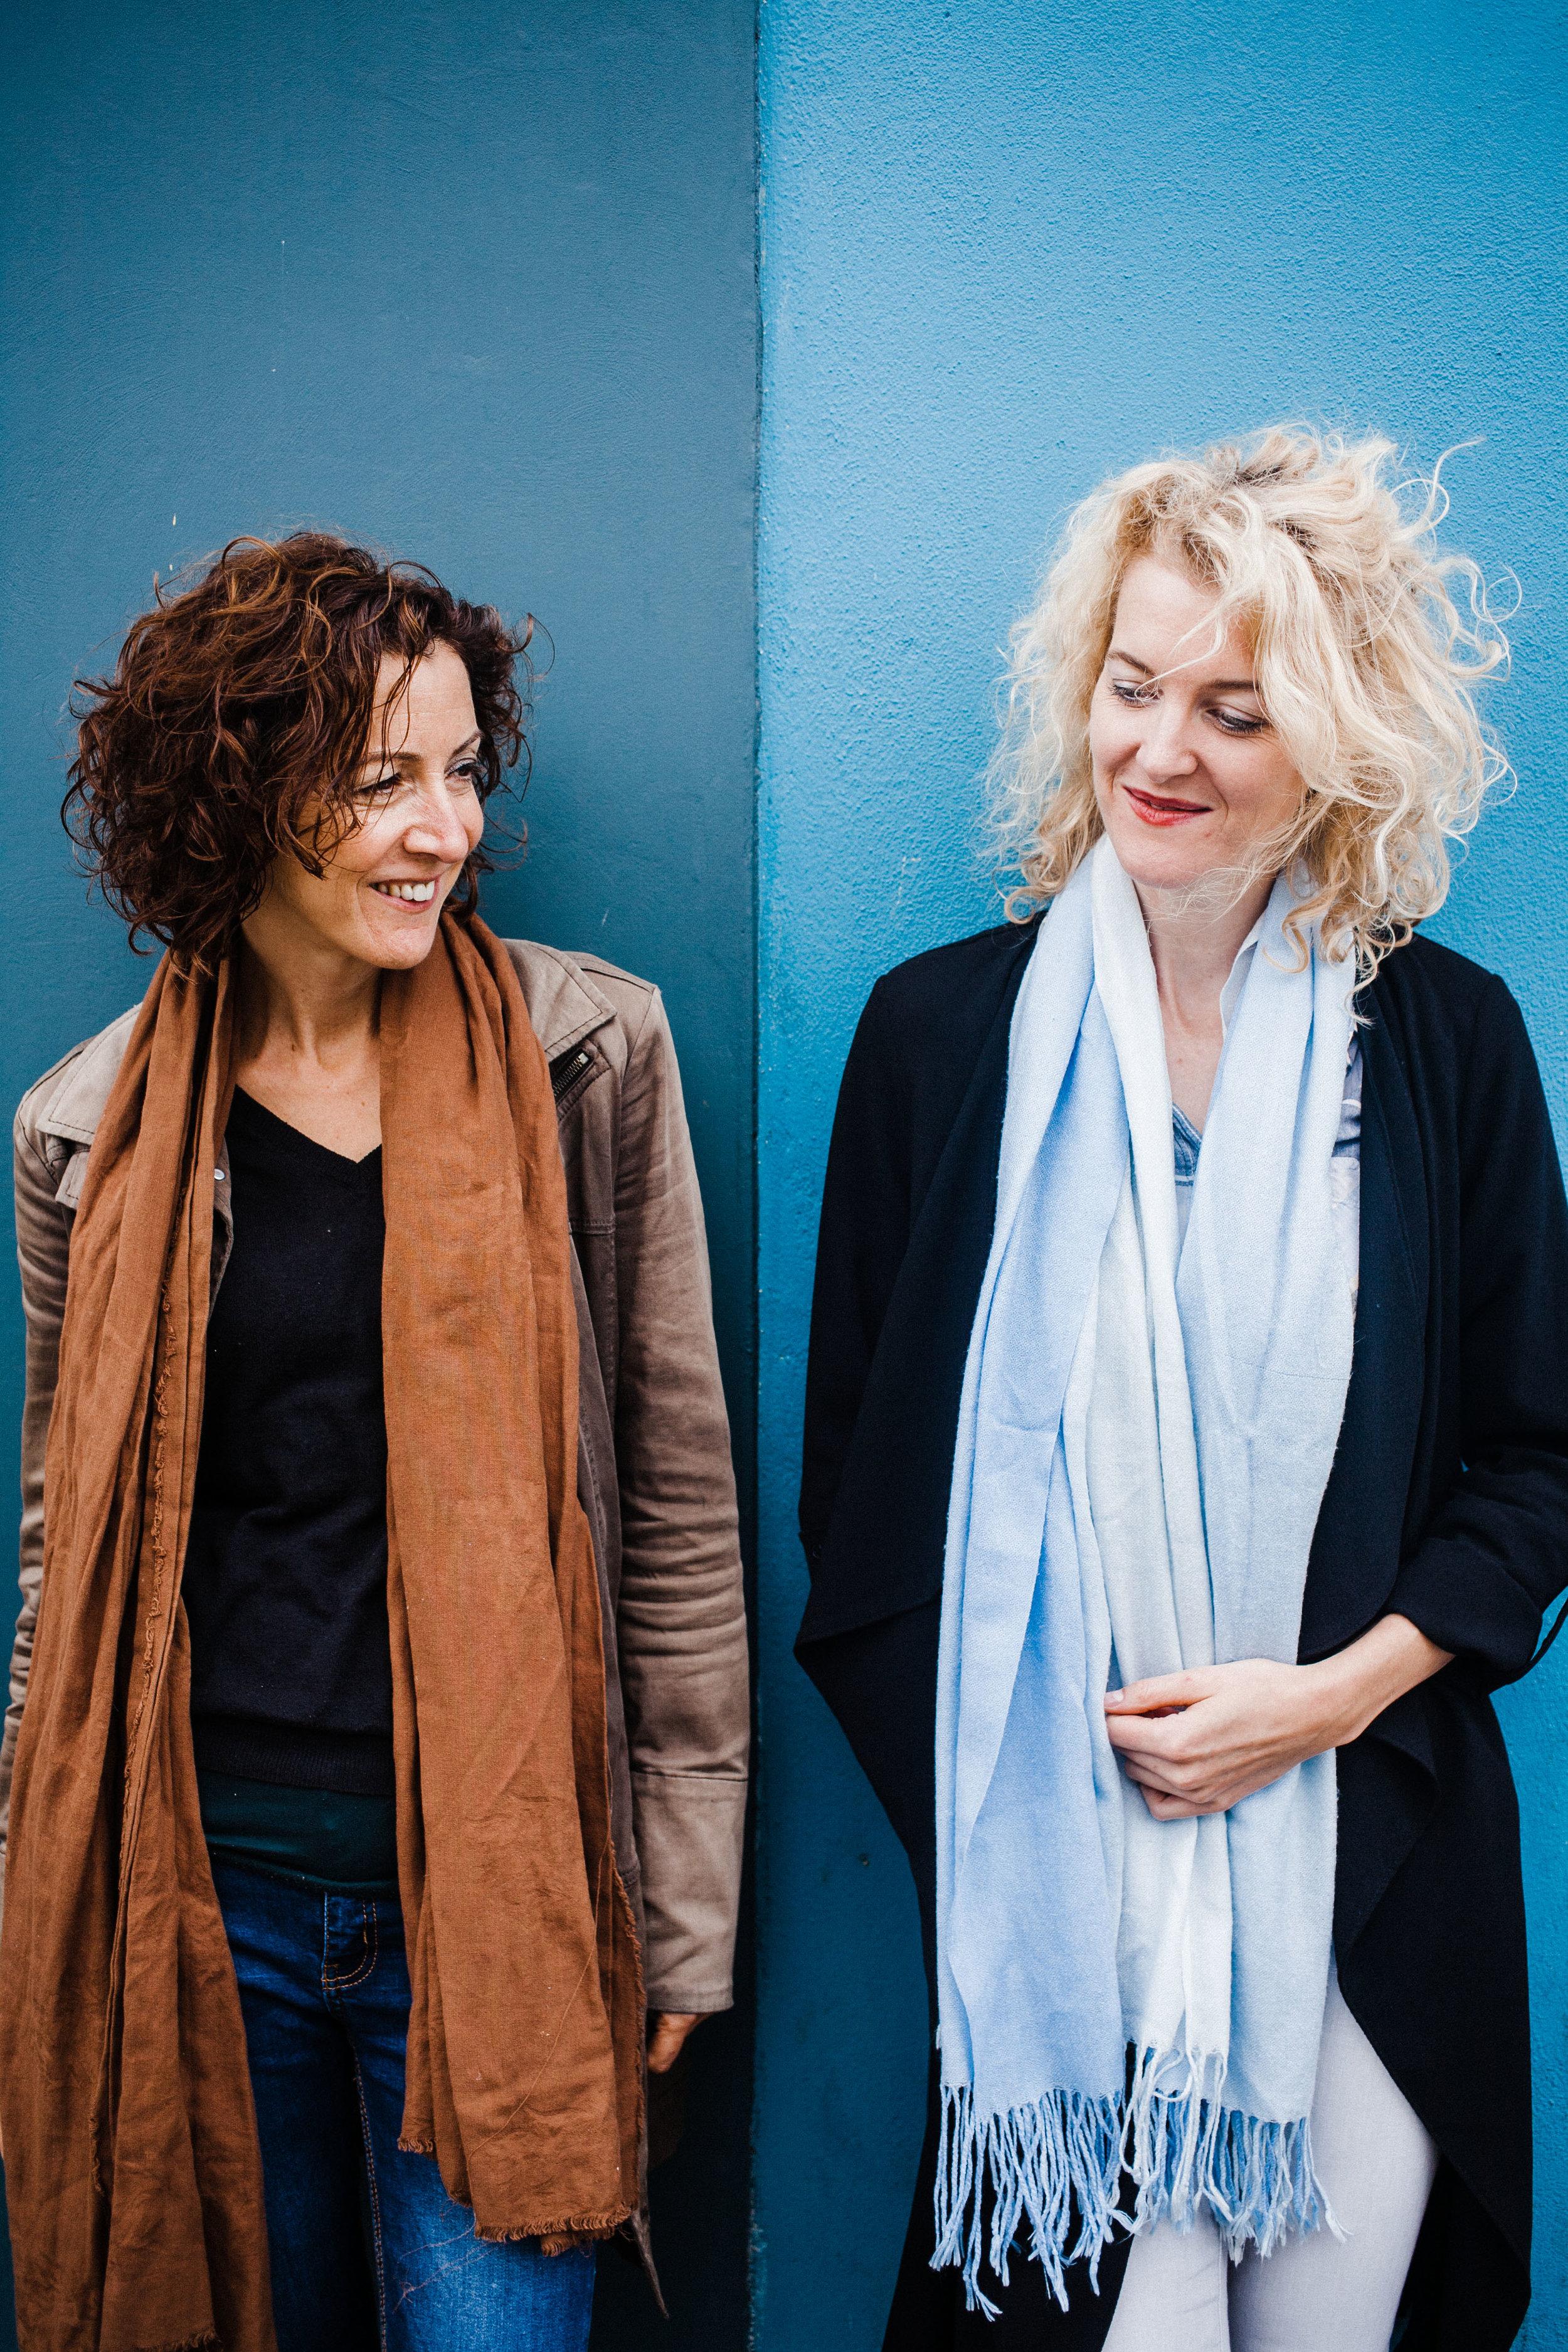 Tori Freestone/Alcyona Mick DUO